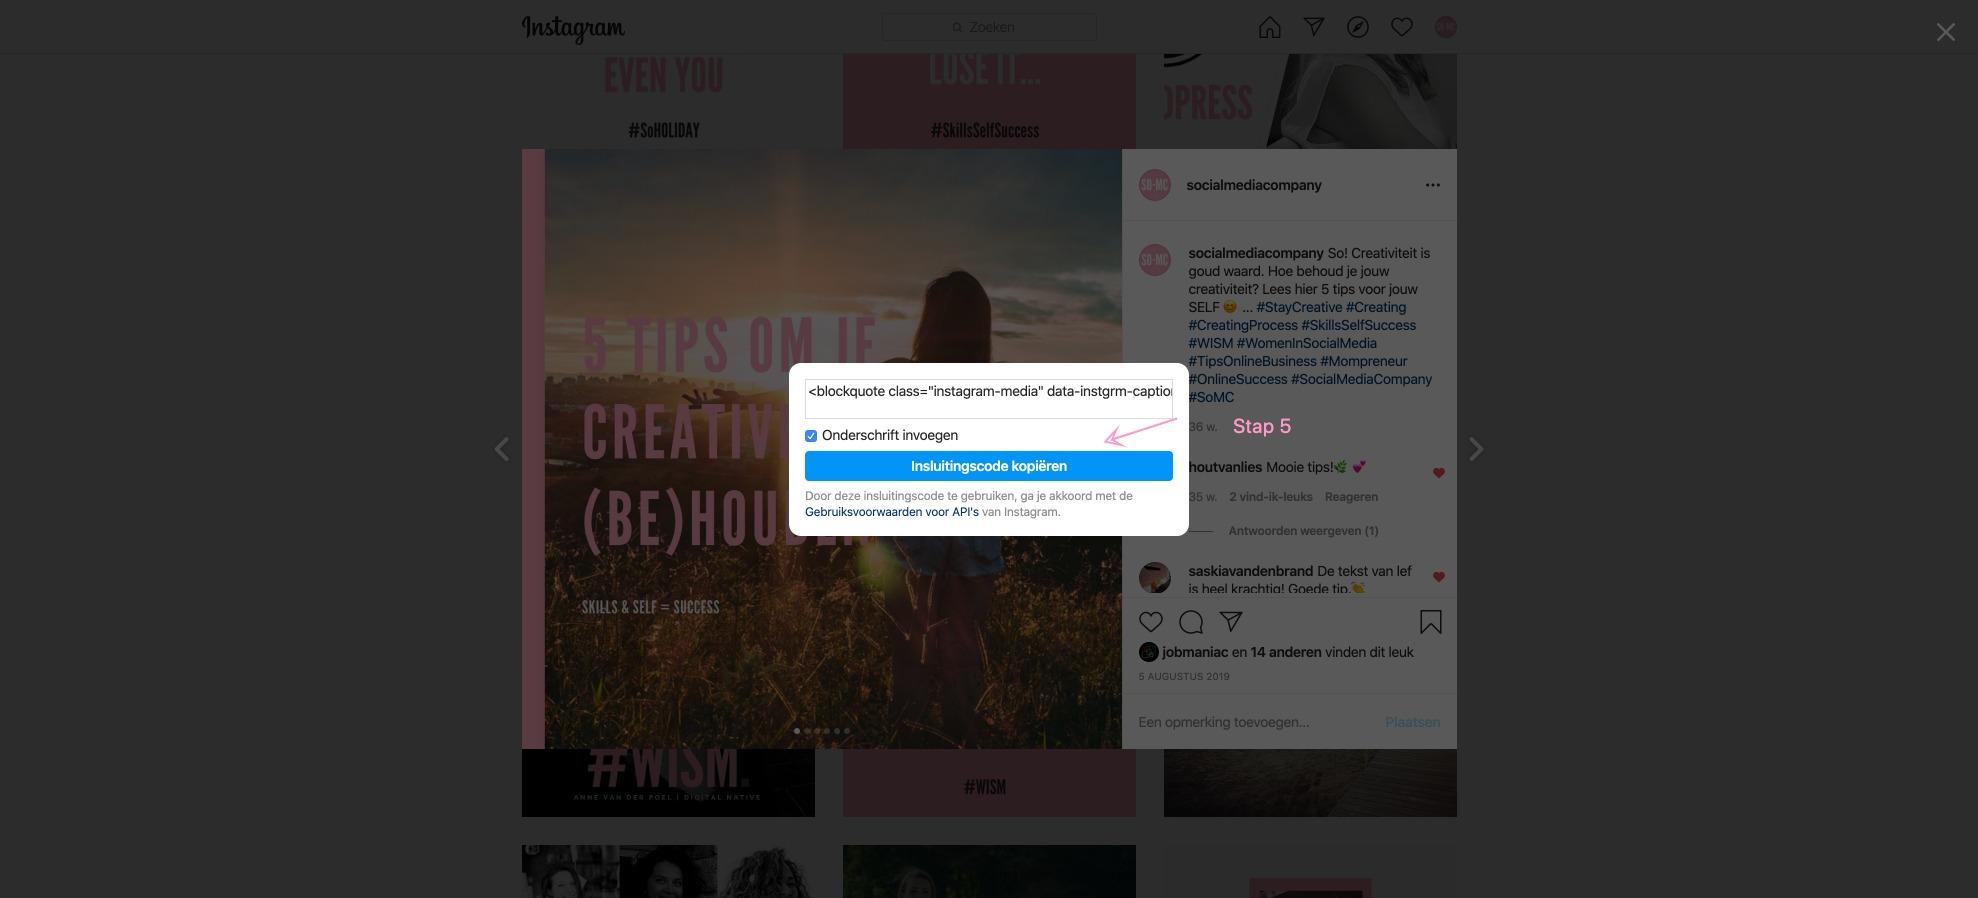 Hoe sluit ik een Instagram bericht in mijn website?